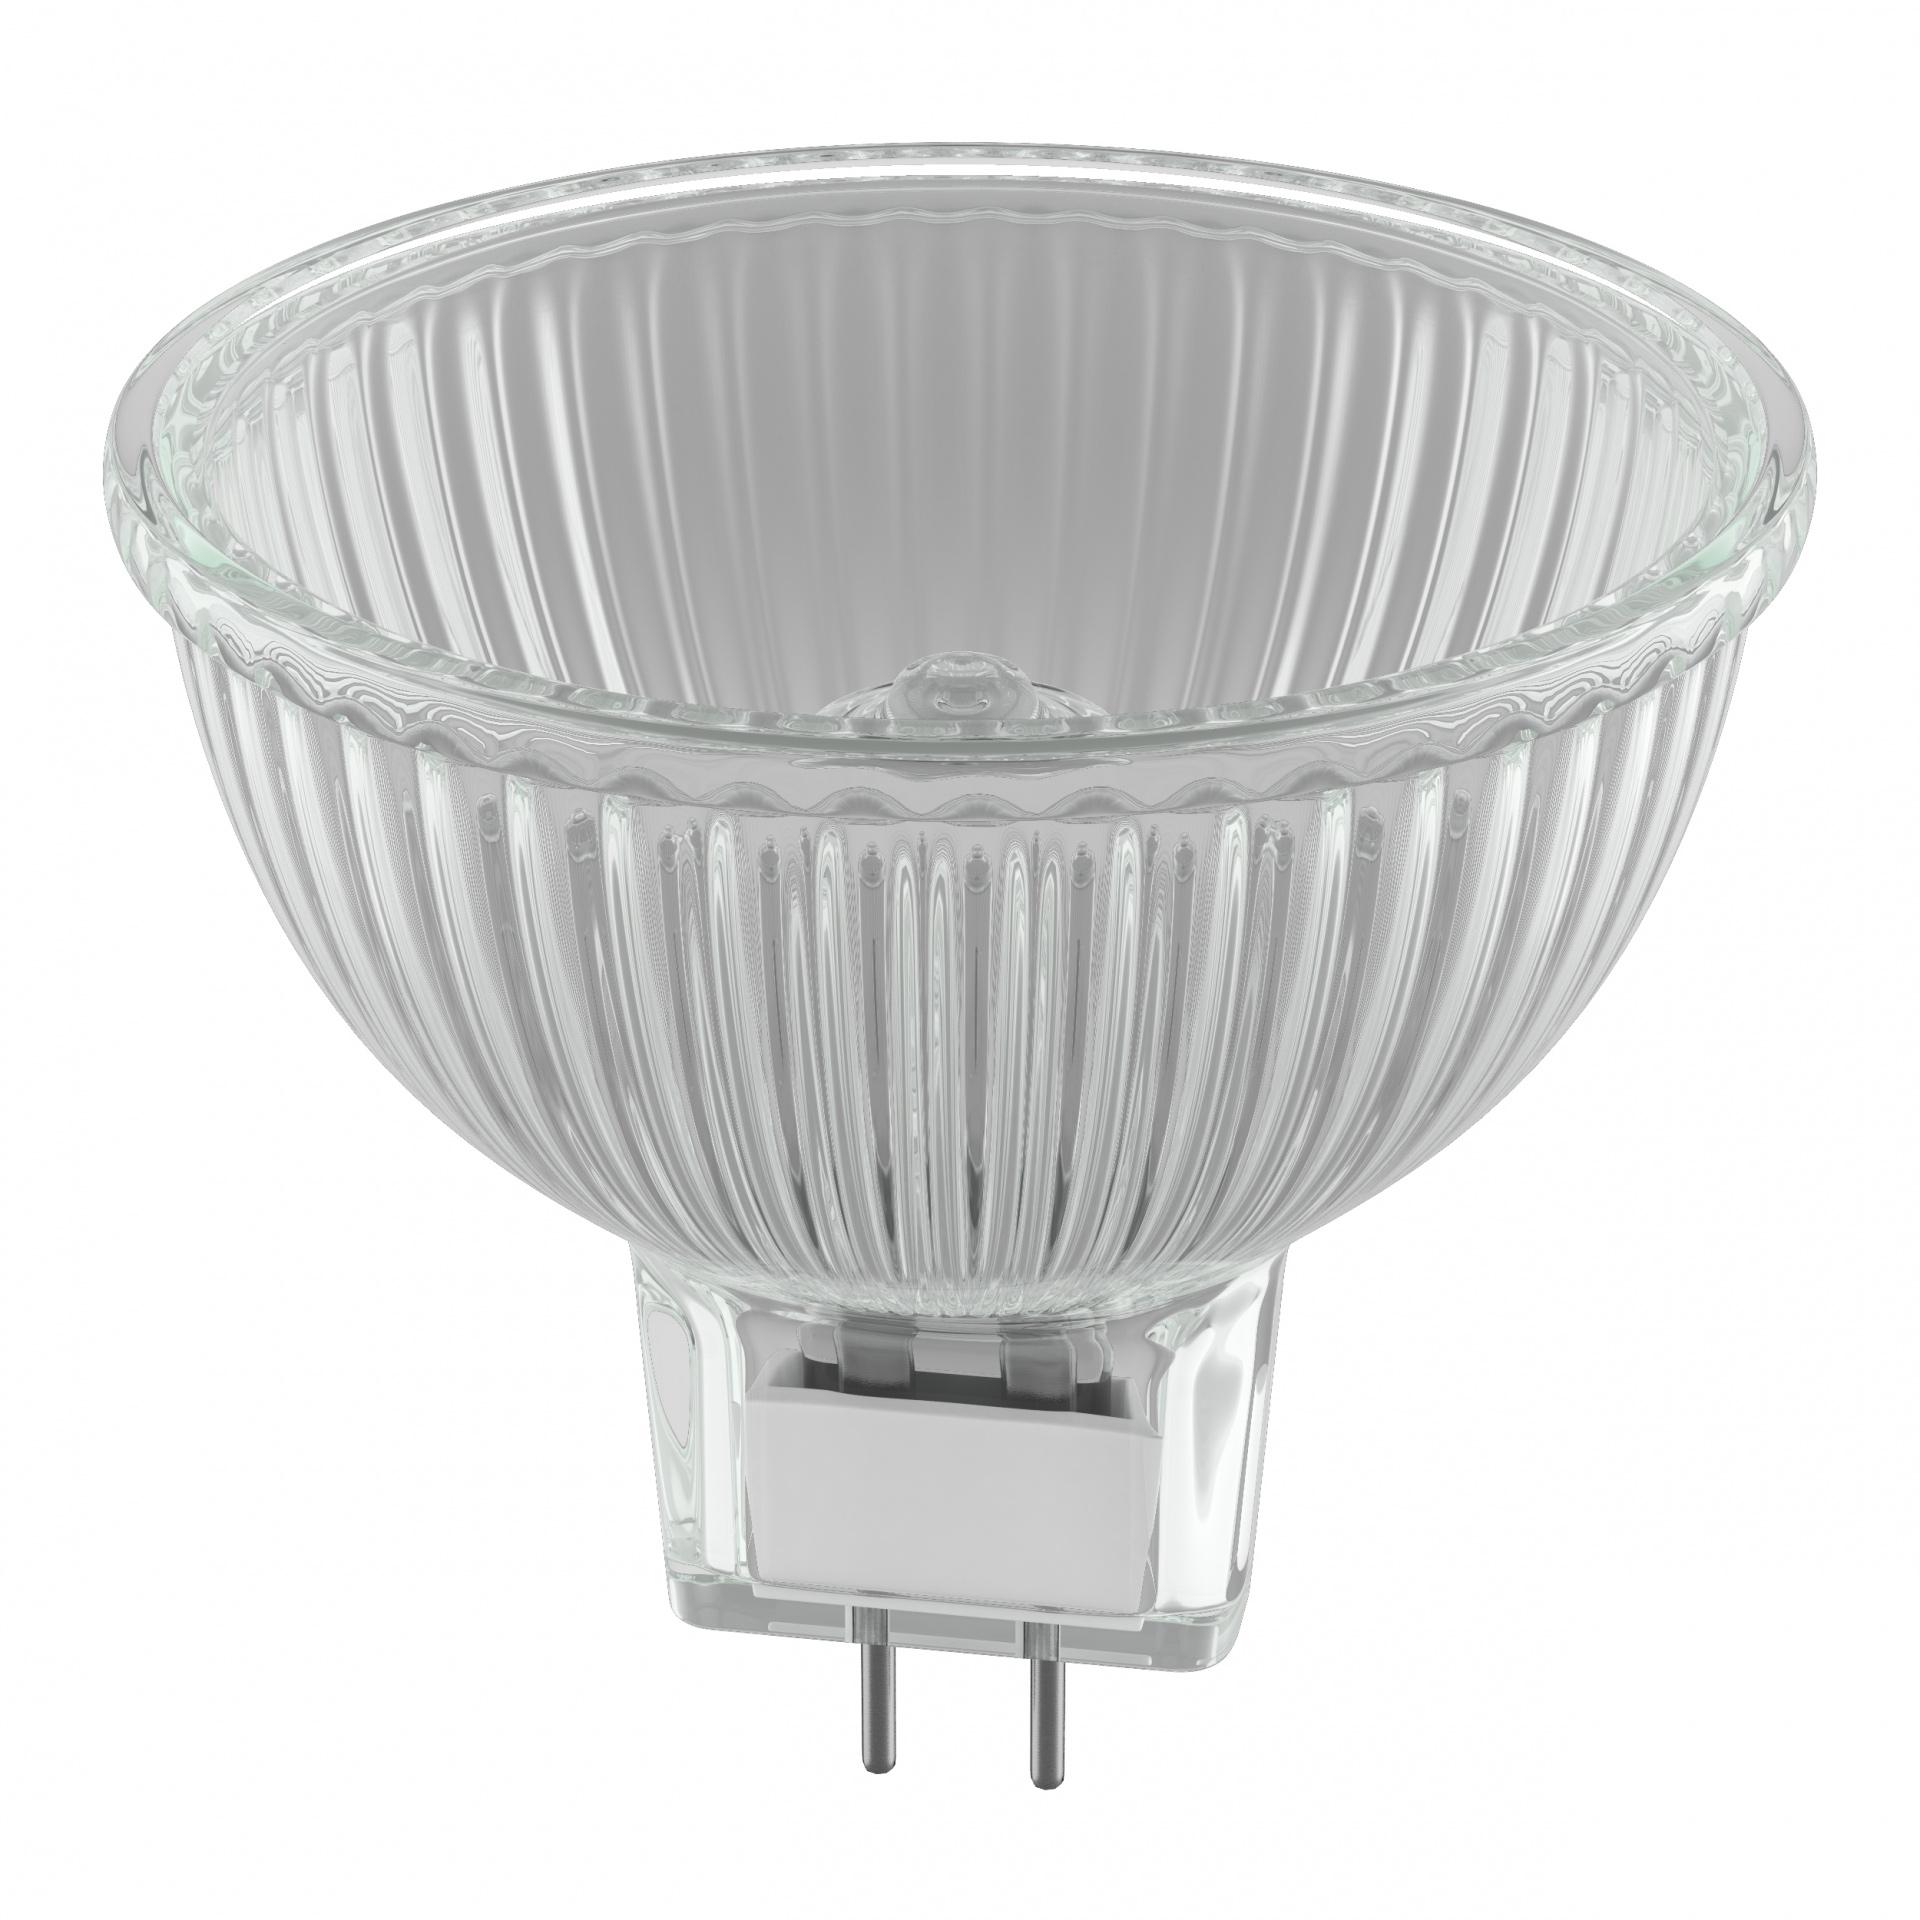 Лампа HAL 12V MR16 G5.3 50W 60G CL RA100 2800K 2000H DIMM Lightstar 921207, купить в СПб, Москве, с доставкой, Санкт-Петербург, интернет-магазин люстр и светильников Starlight, фото в жизни